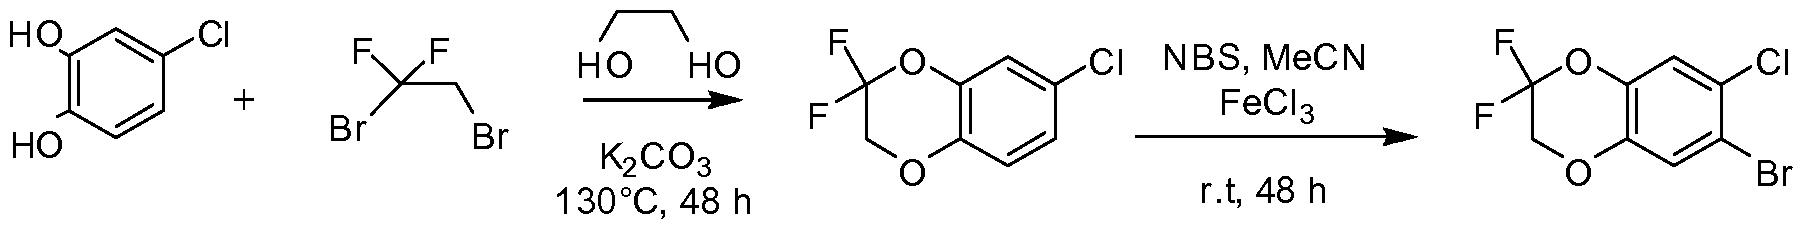 Figure imgf000286_0003